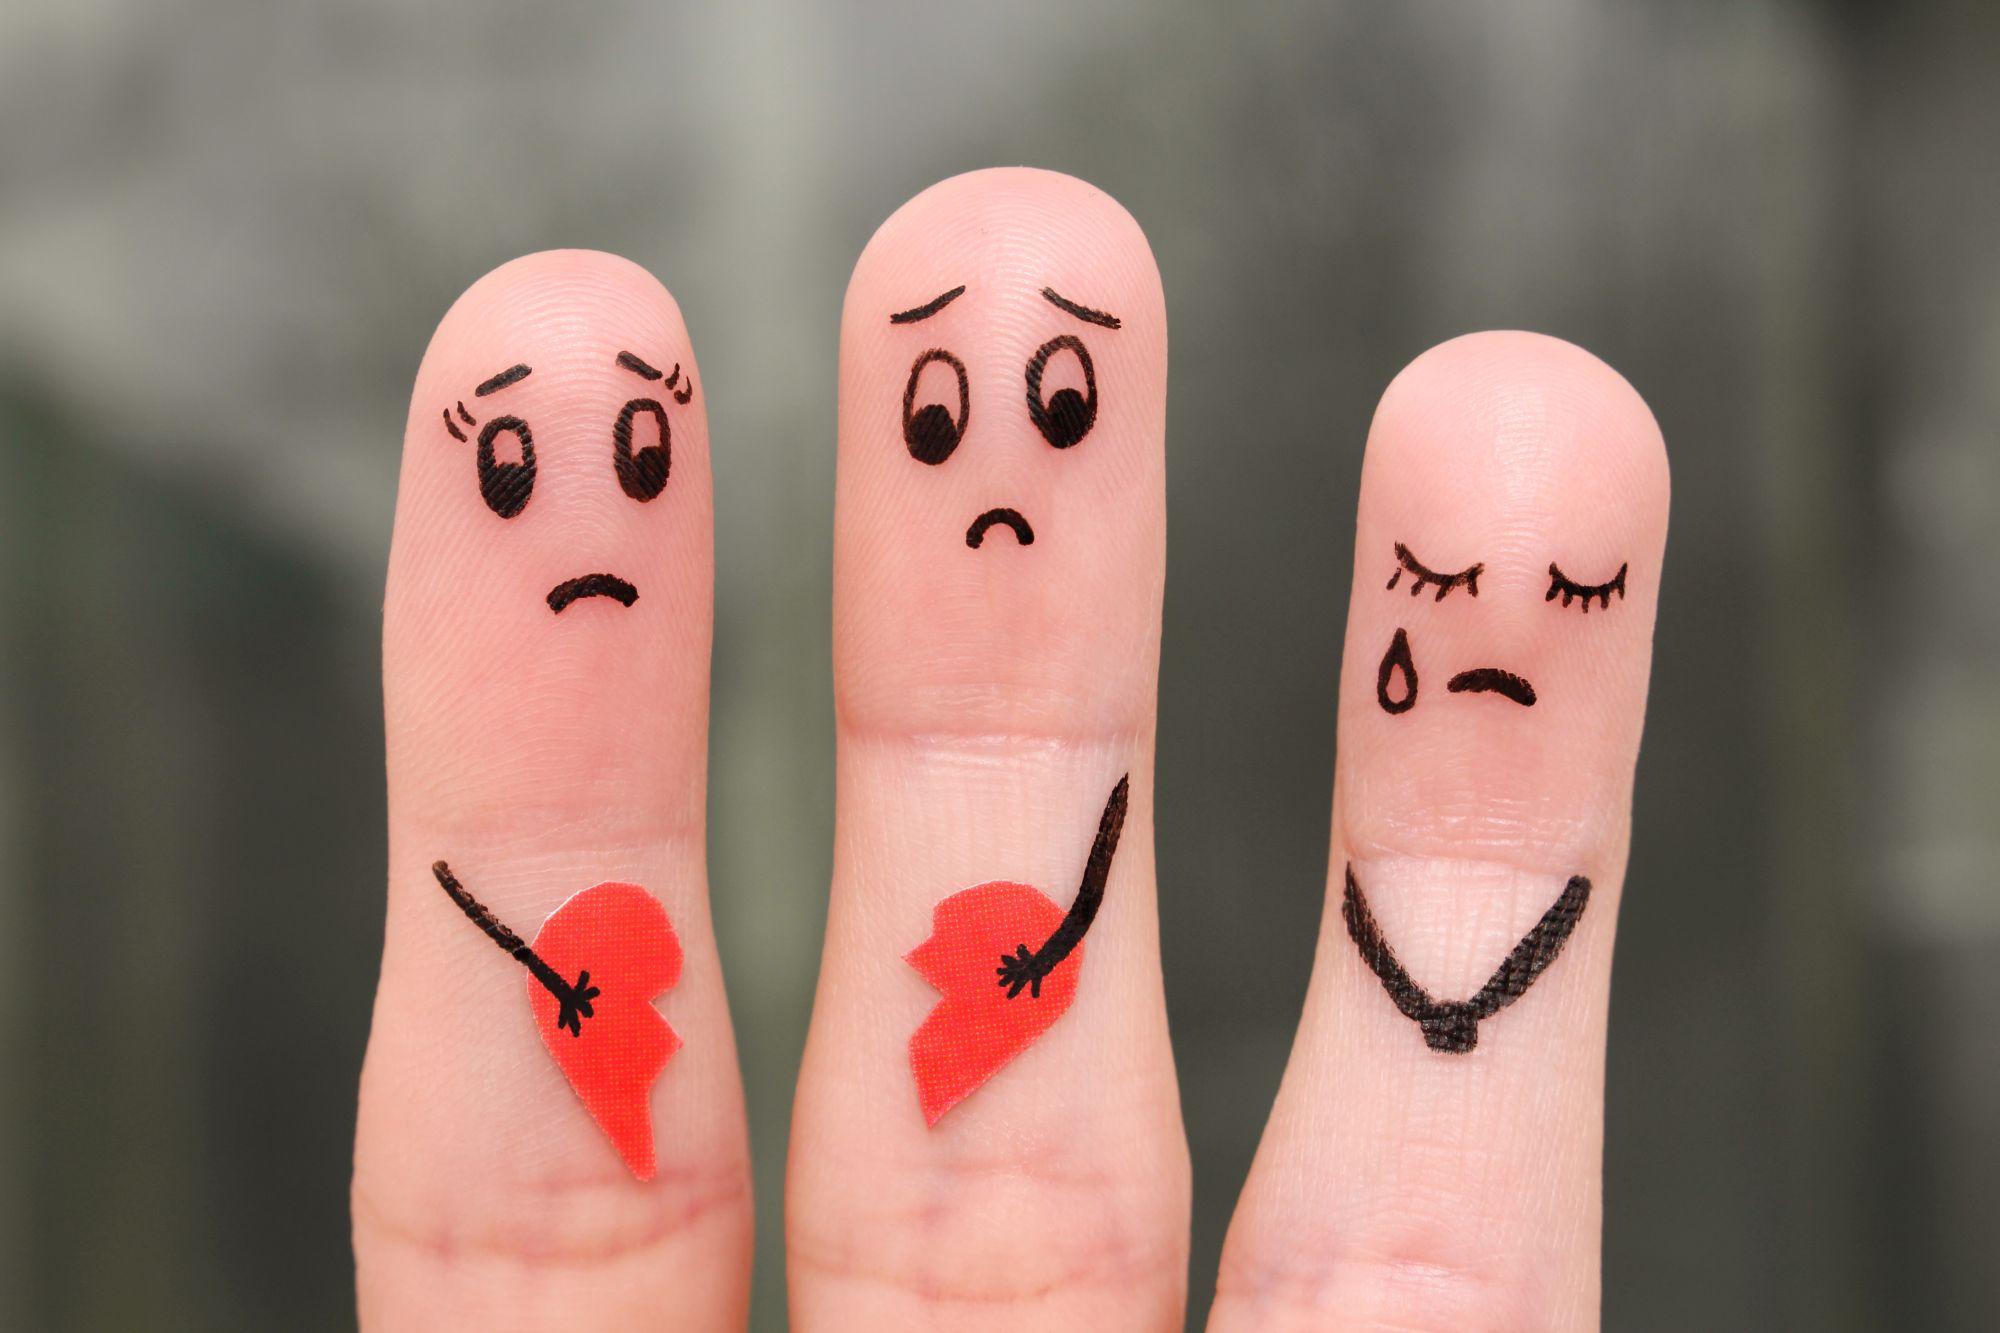 Scheidung der Eltern: Folgen und Konflikte